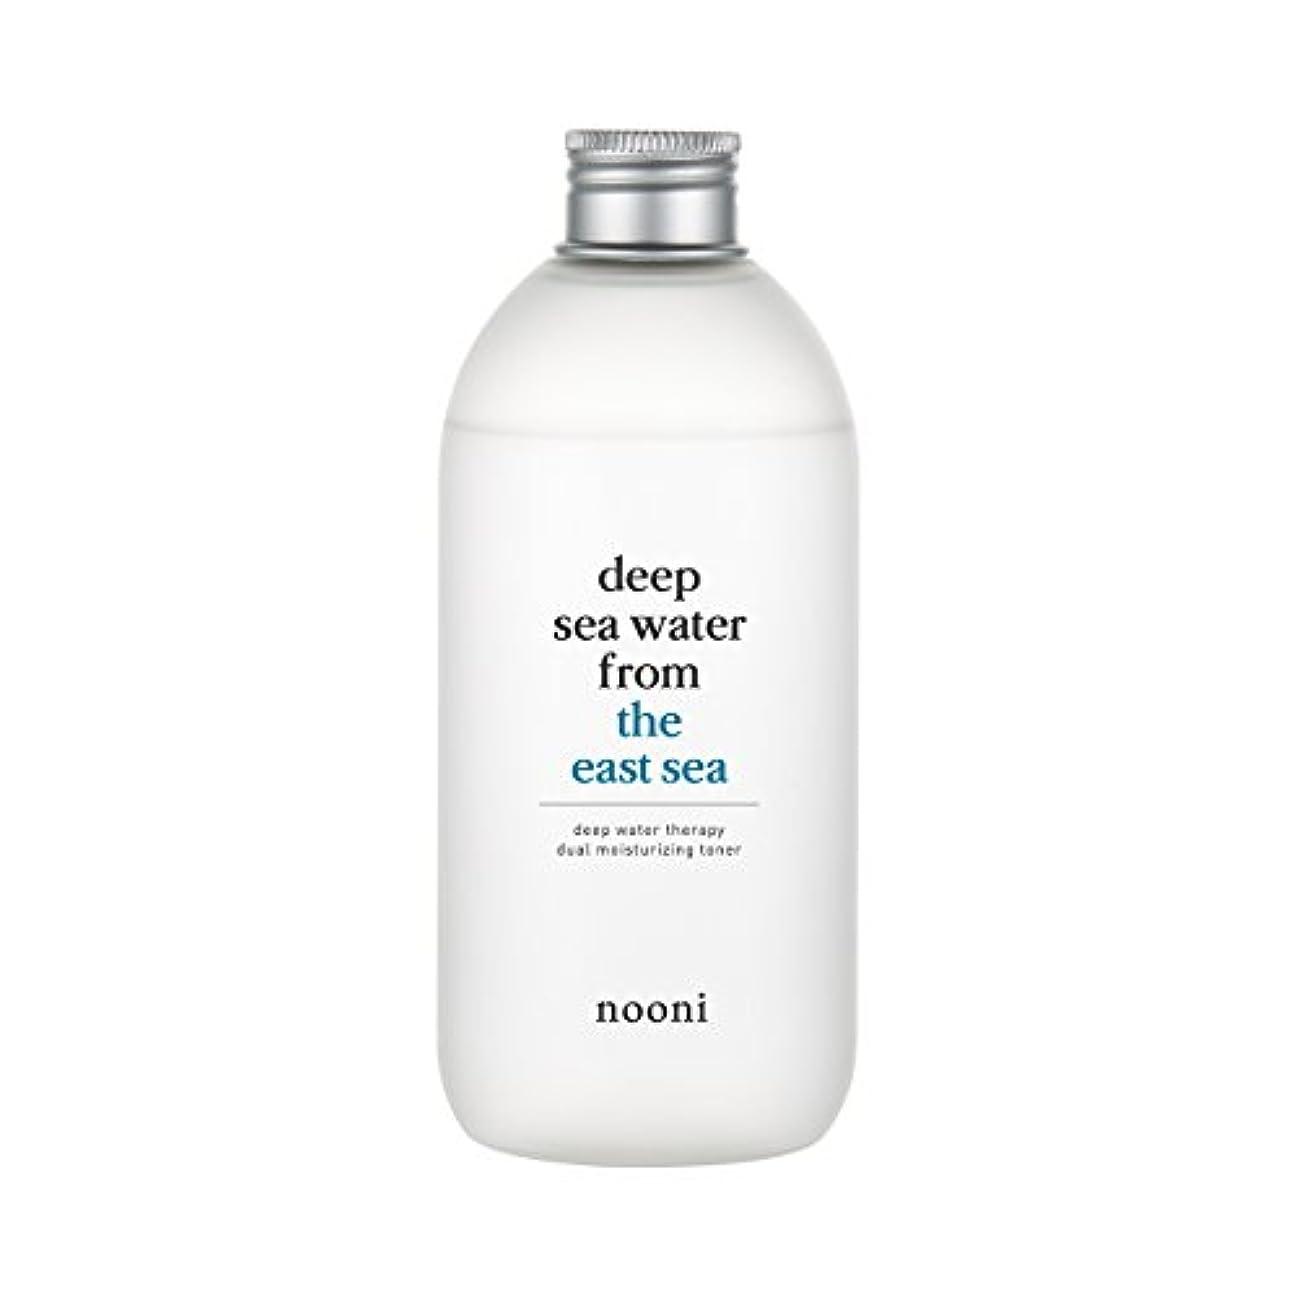 特徴ゴム地殻NOONI ディープウォーターセラピー二重の保湿化粧水310Ml #全てのスキンタイプに